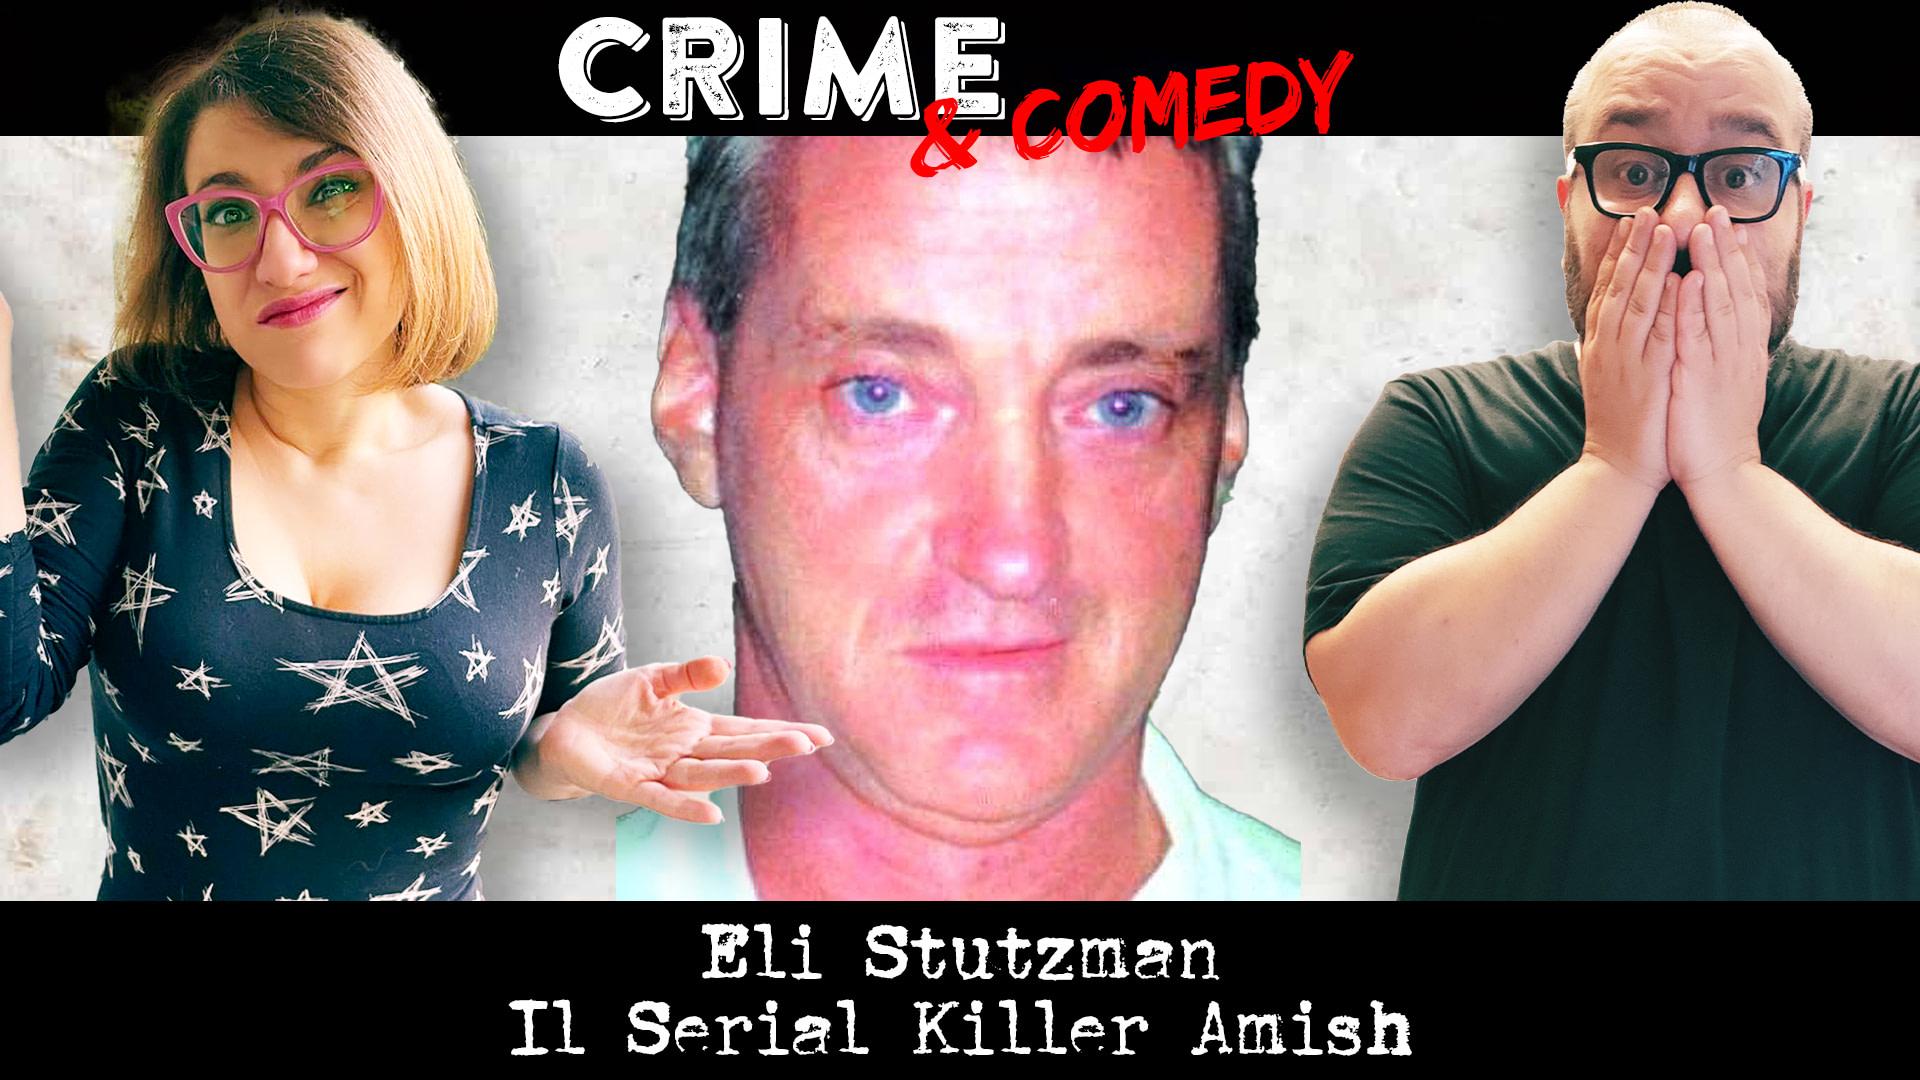 Eli Stutzman - Podcast - Il Serial Killer Amish - Crime & Comedy